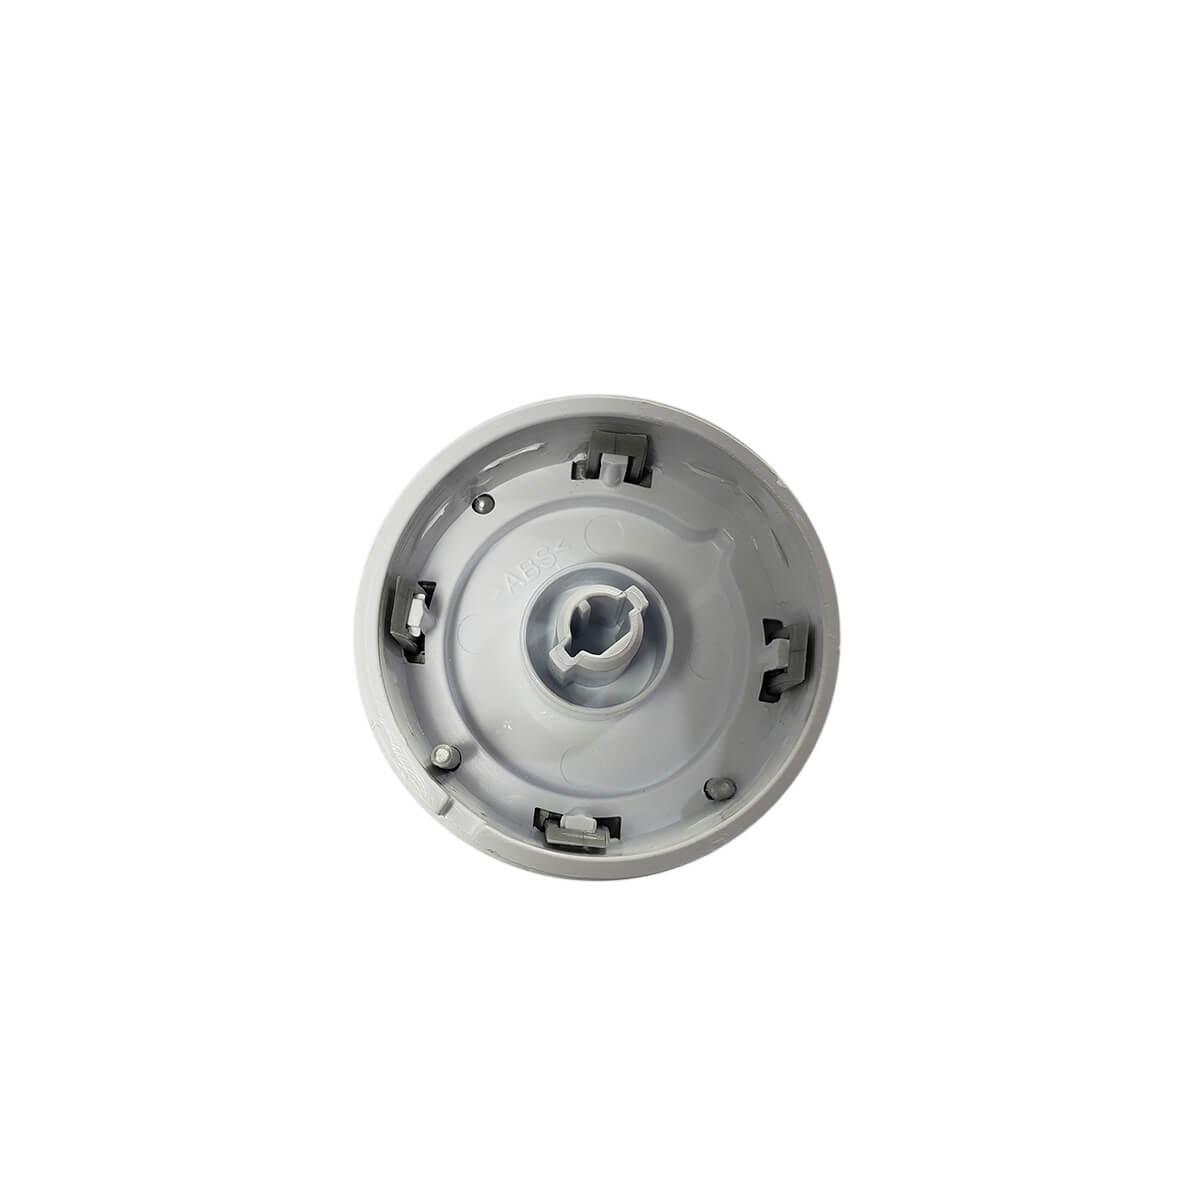 Manípulo Do Pressostato Prata Para Lavadora De Roupas Electrolux - A06510801